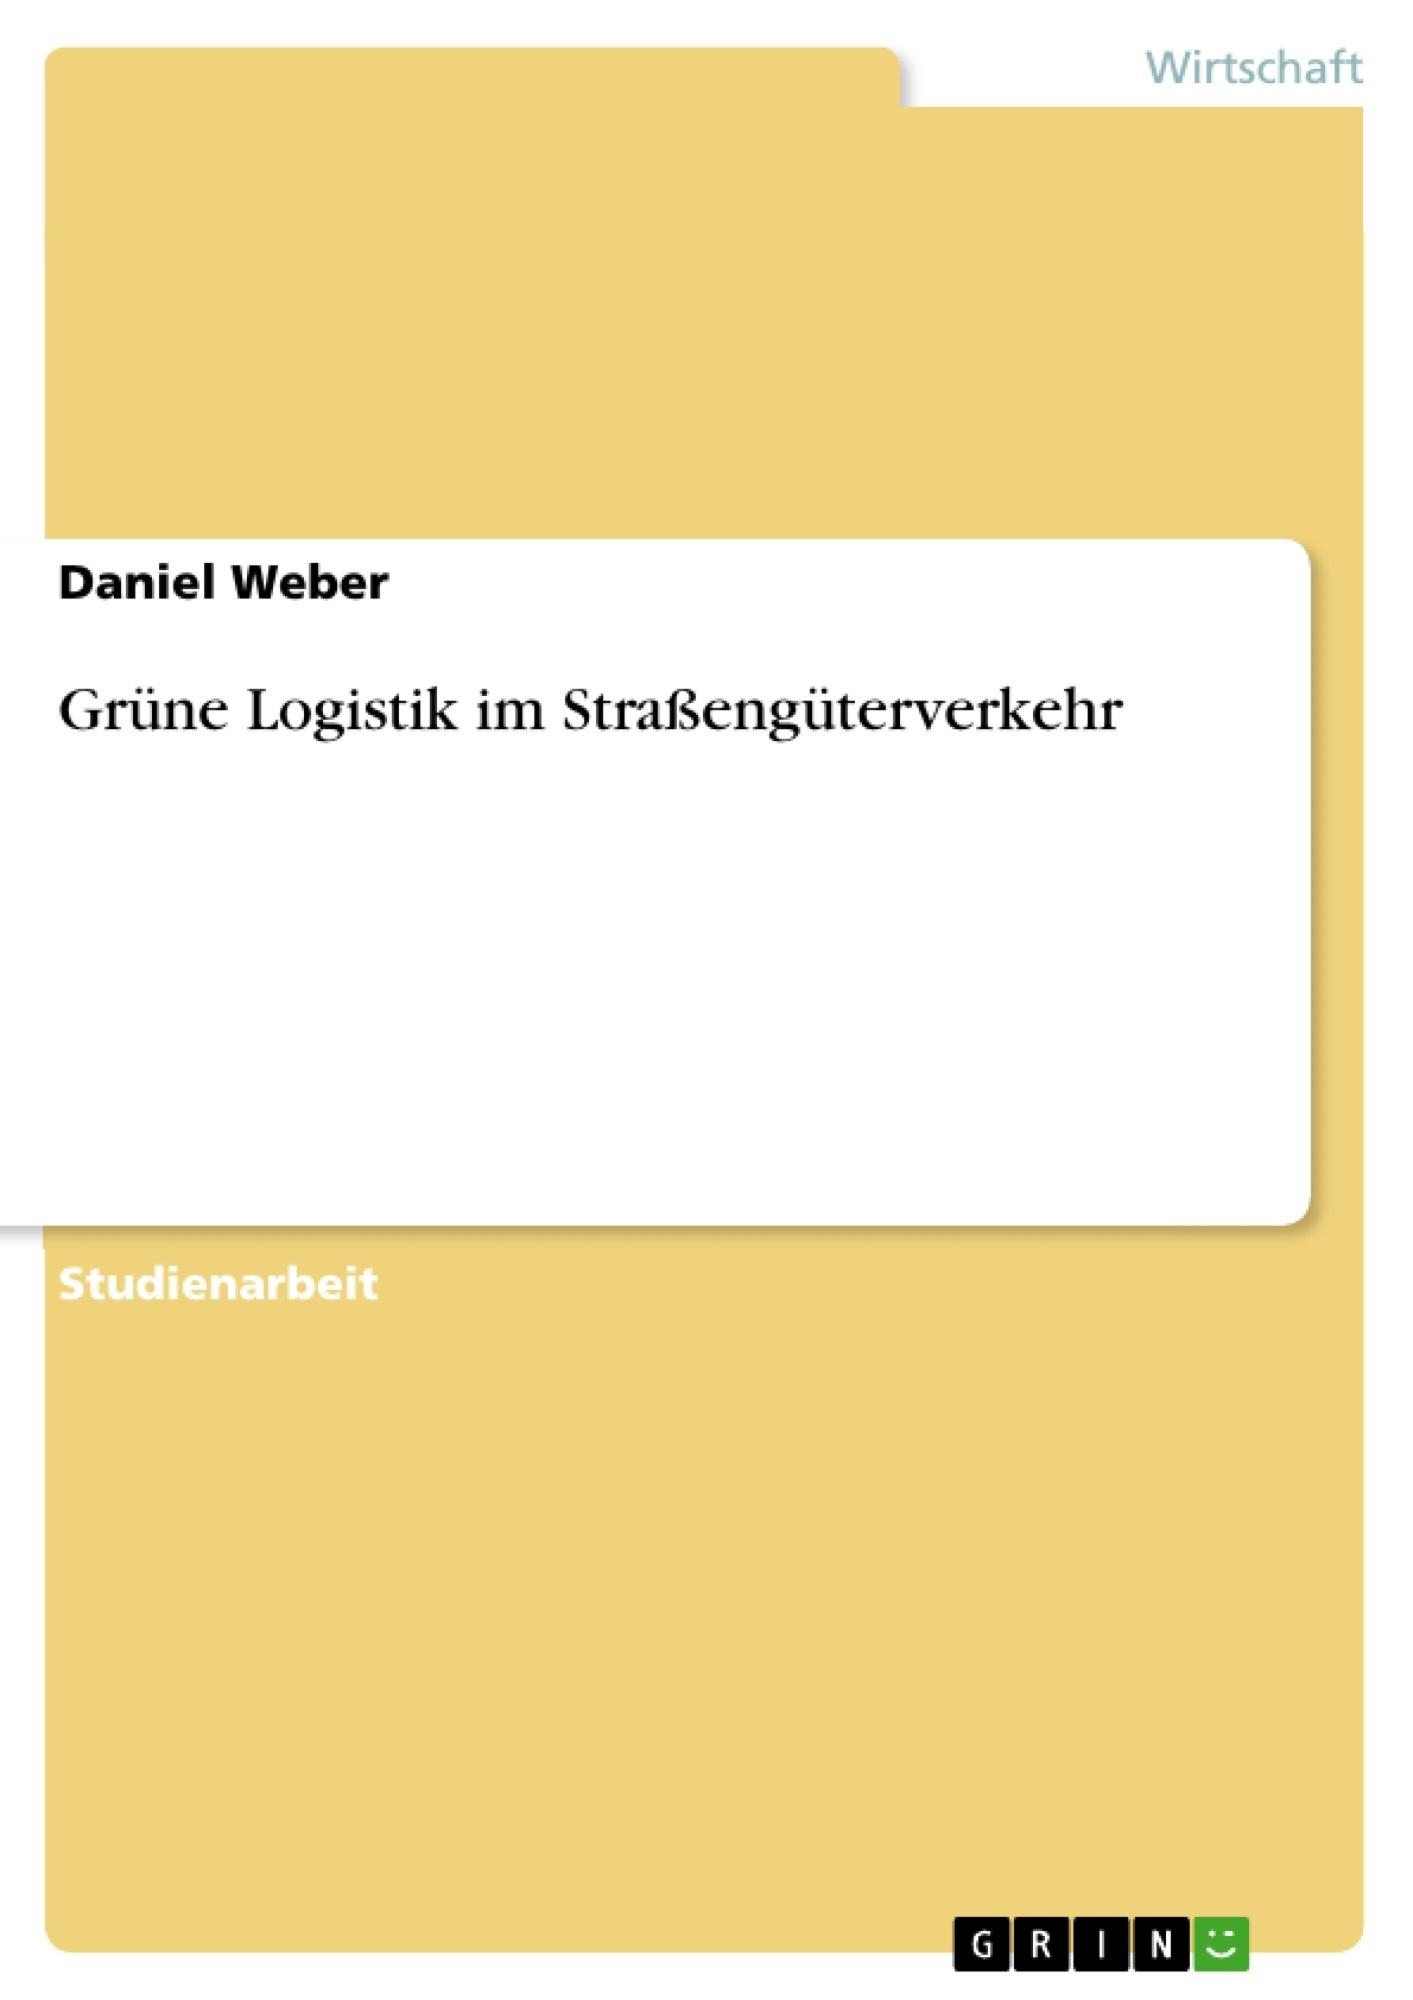 Titel: Grüne Logistik im Straßengüterverkehr